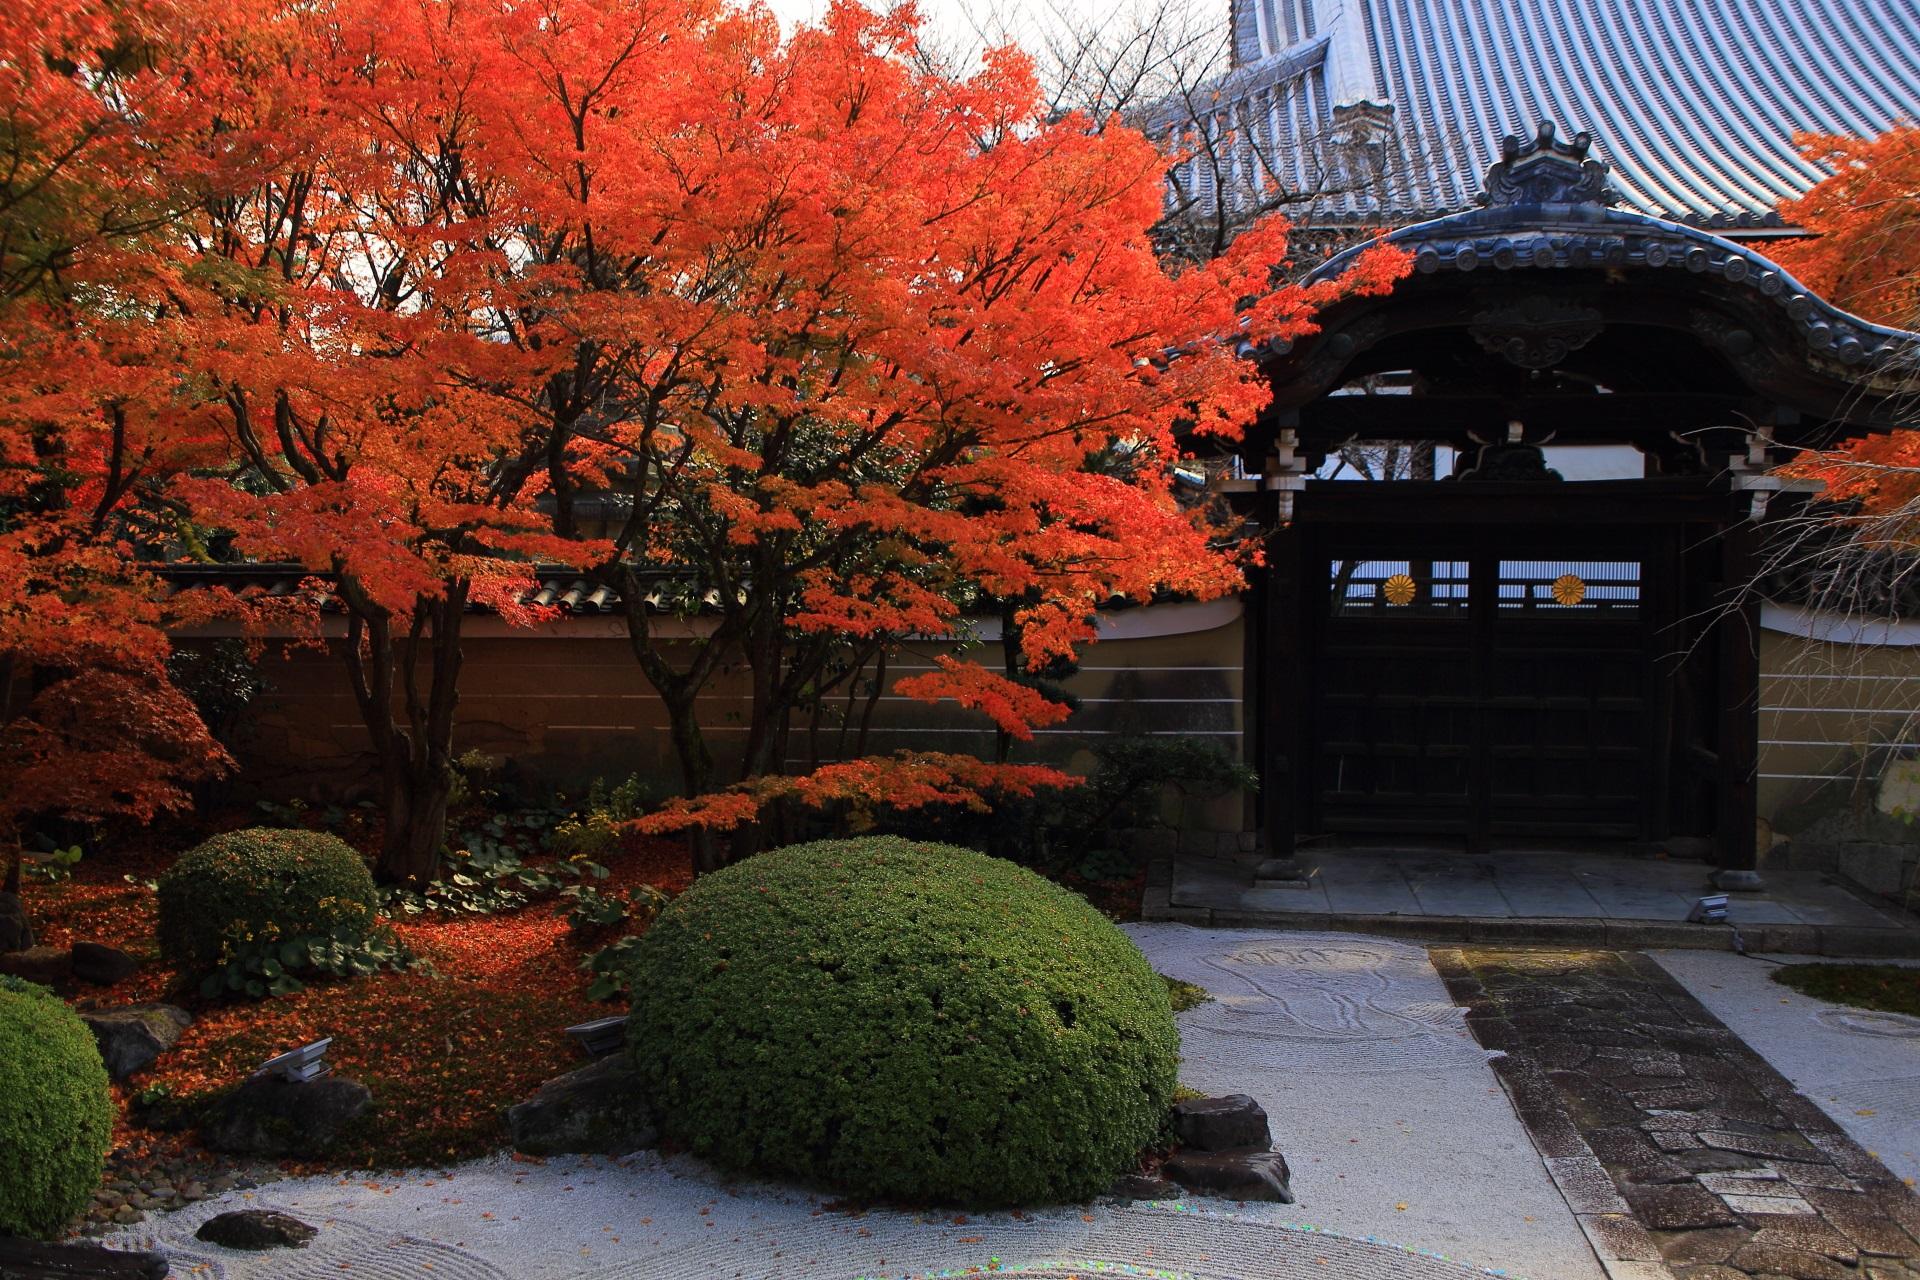 妙顕寺の勅使門を鮮やかに彩る紅葉